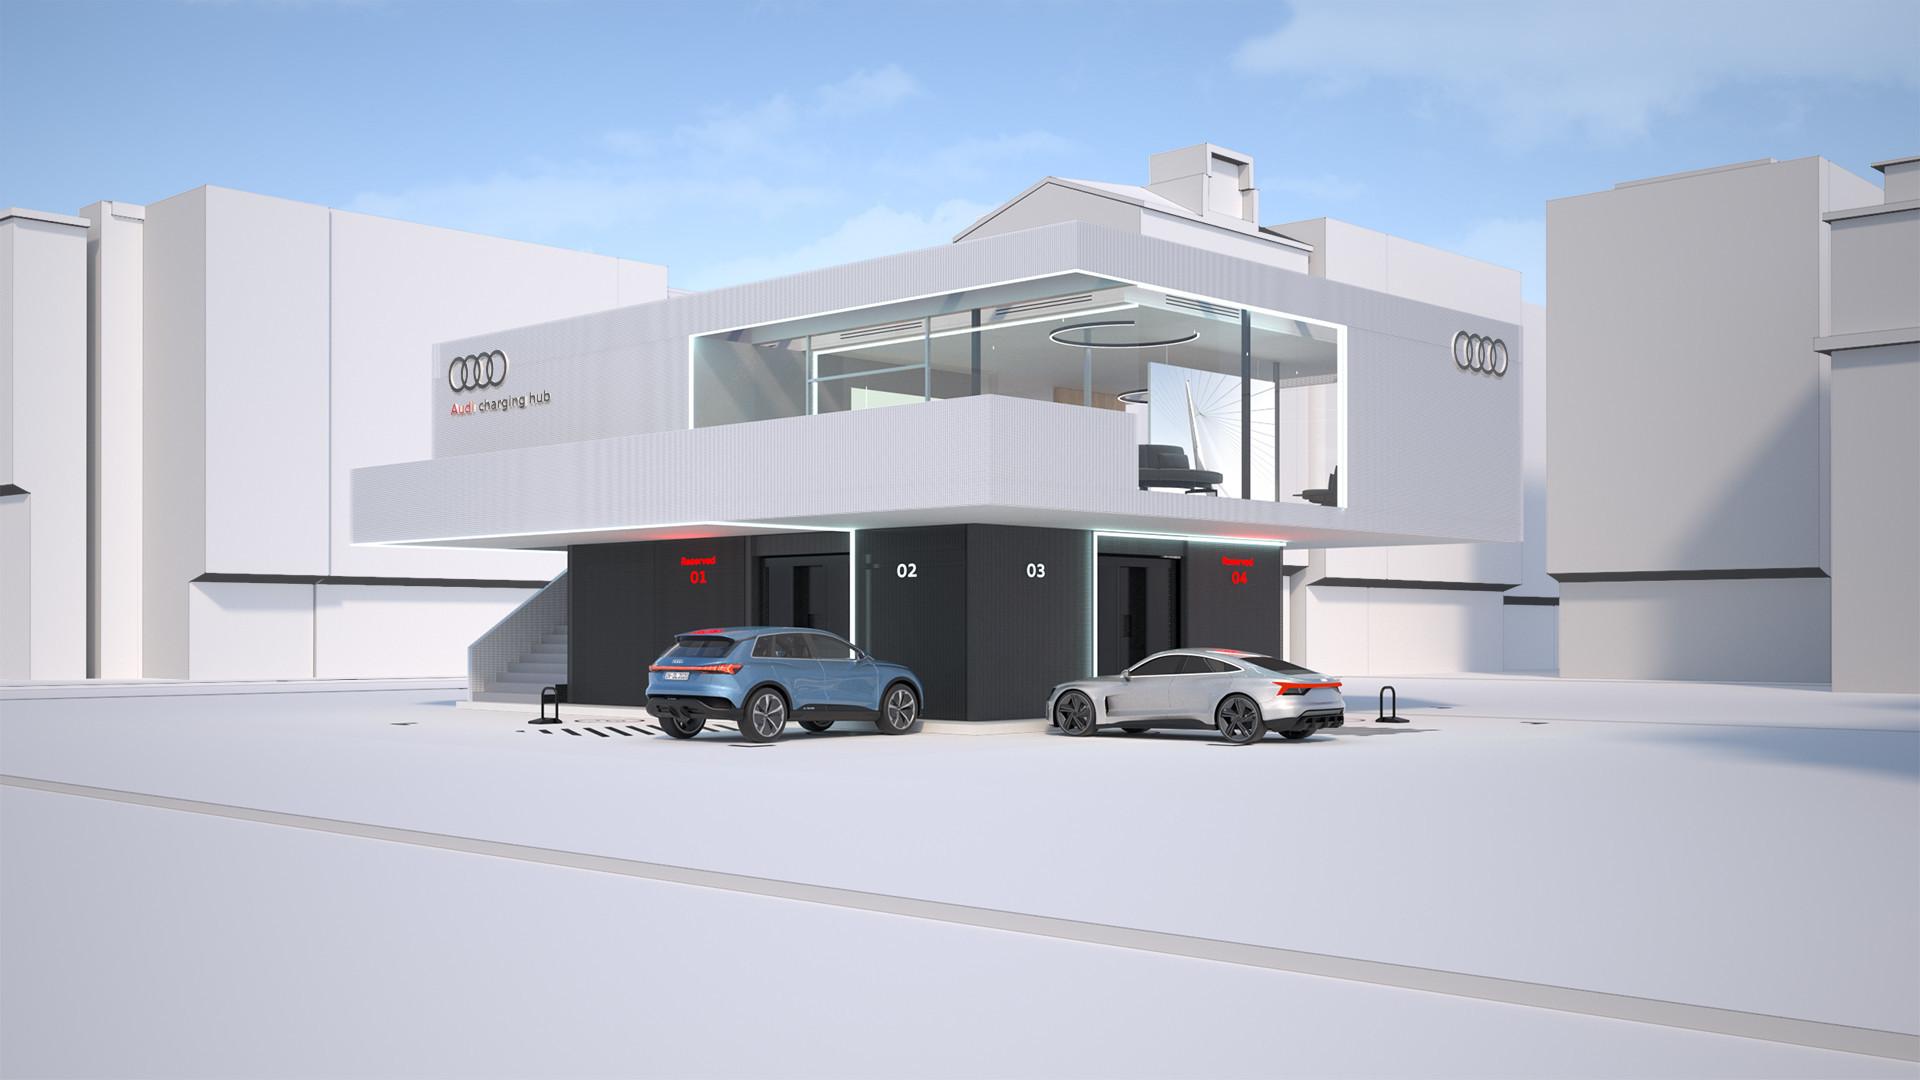 Audi dévoile un concept de bornes de recharge rapide avec réservations